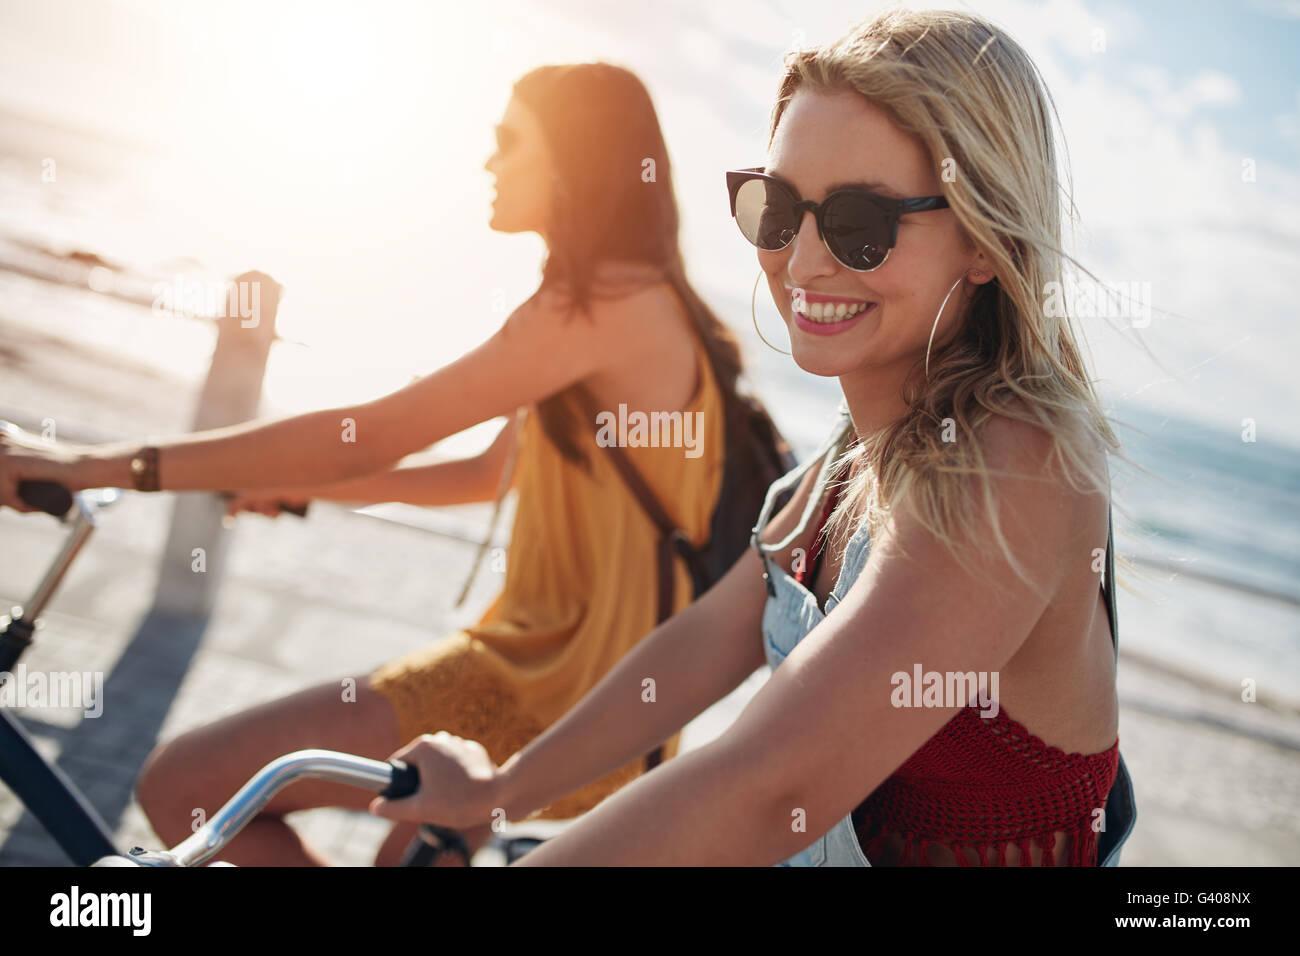 Sorridente giovane donna Bicicletta Equitazione con il suo amico in una giornata di sole. Due amiche escursioni Immagini Stock